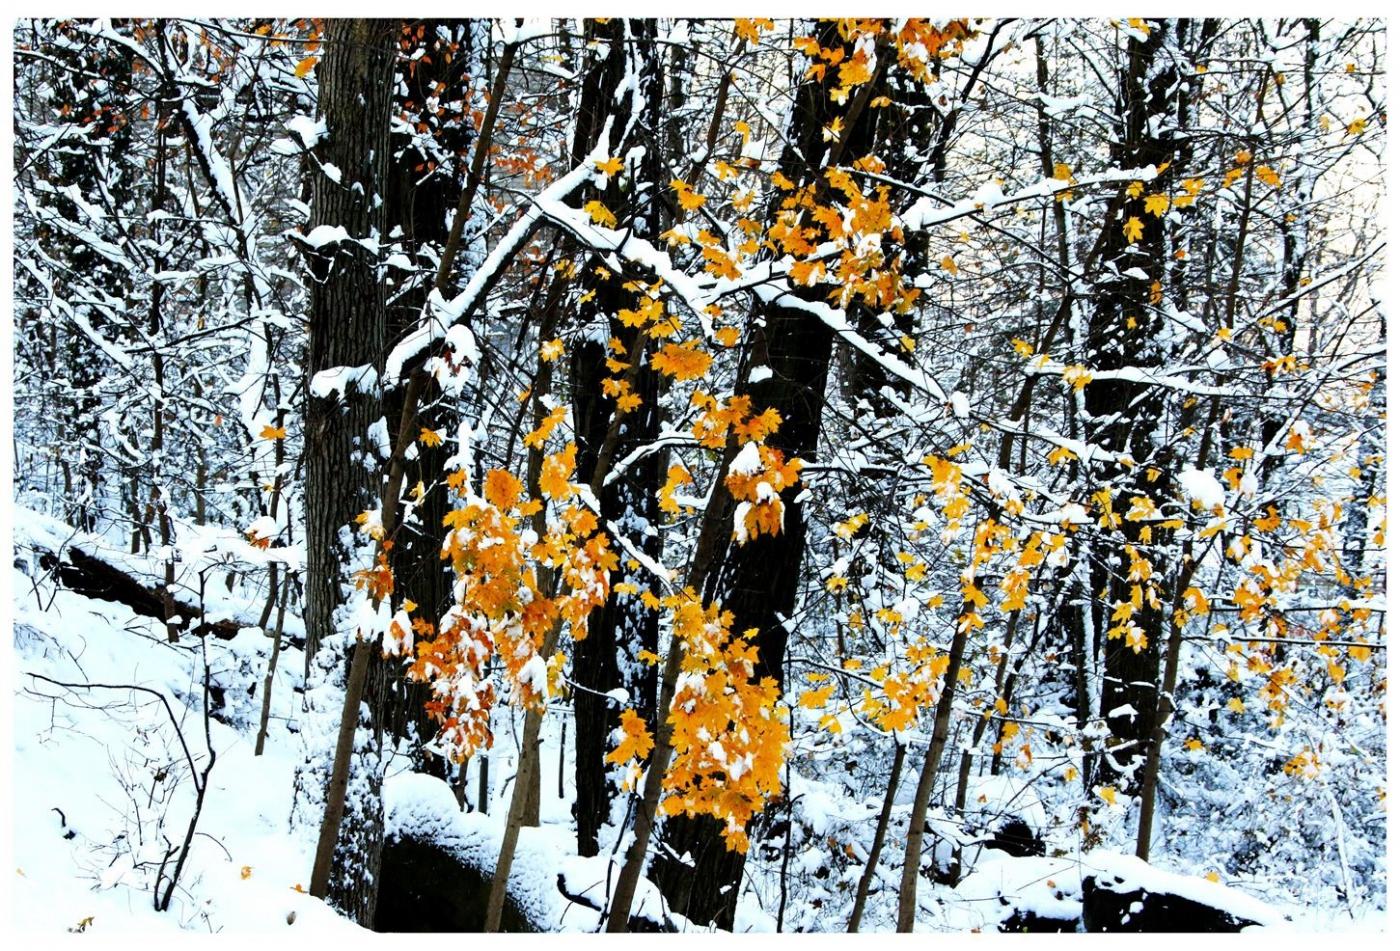 纽约地区入冬首雪景色迷人_图1-16